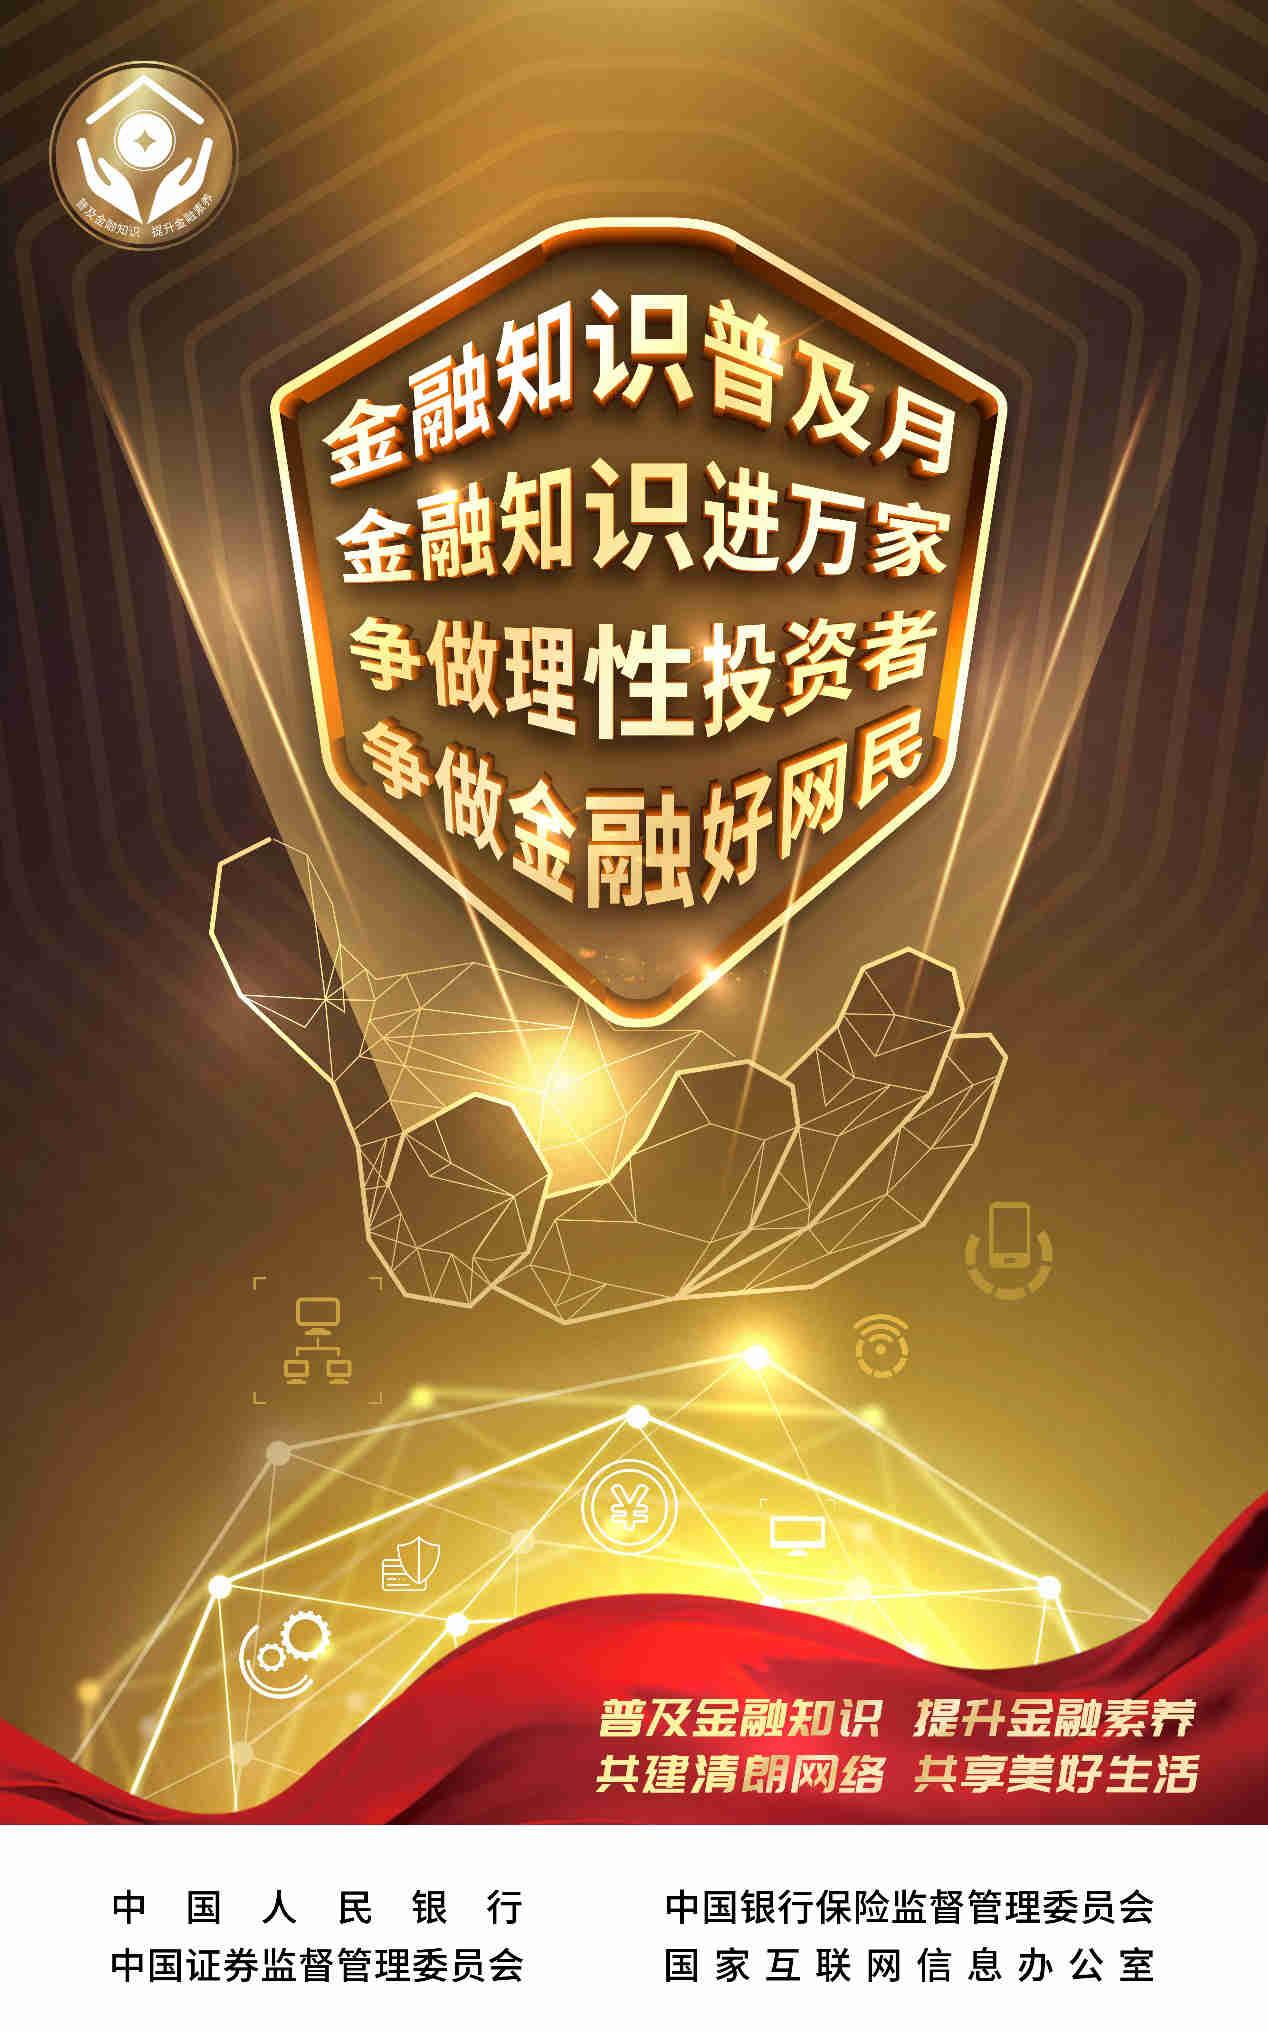 """国华人寿 """"金融知识普及月""""超有料  联合银行直播分享精彩连连"""